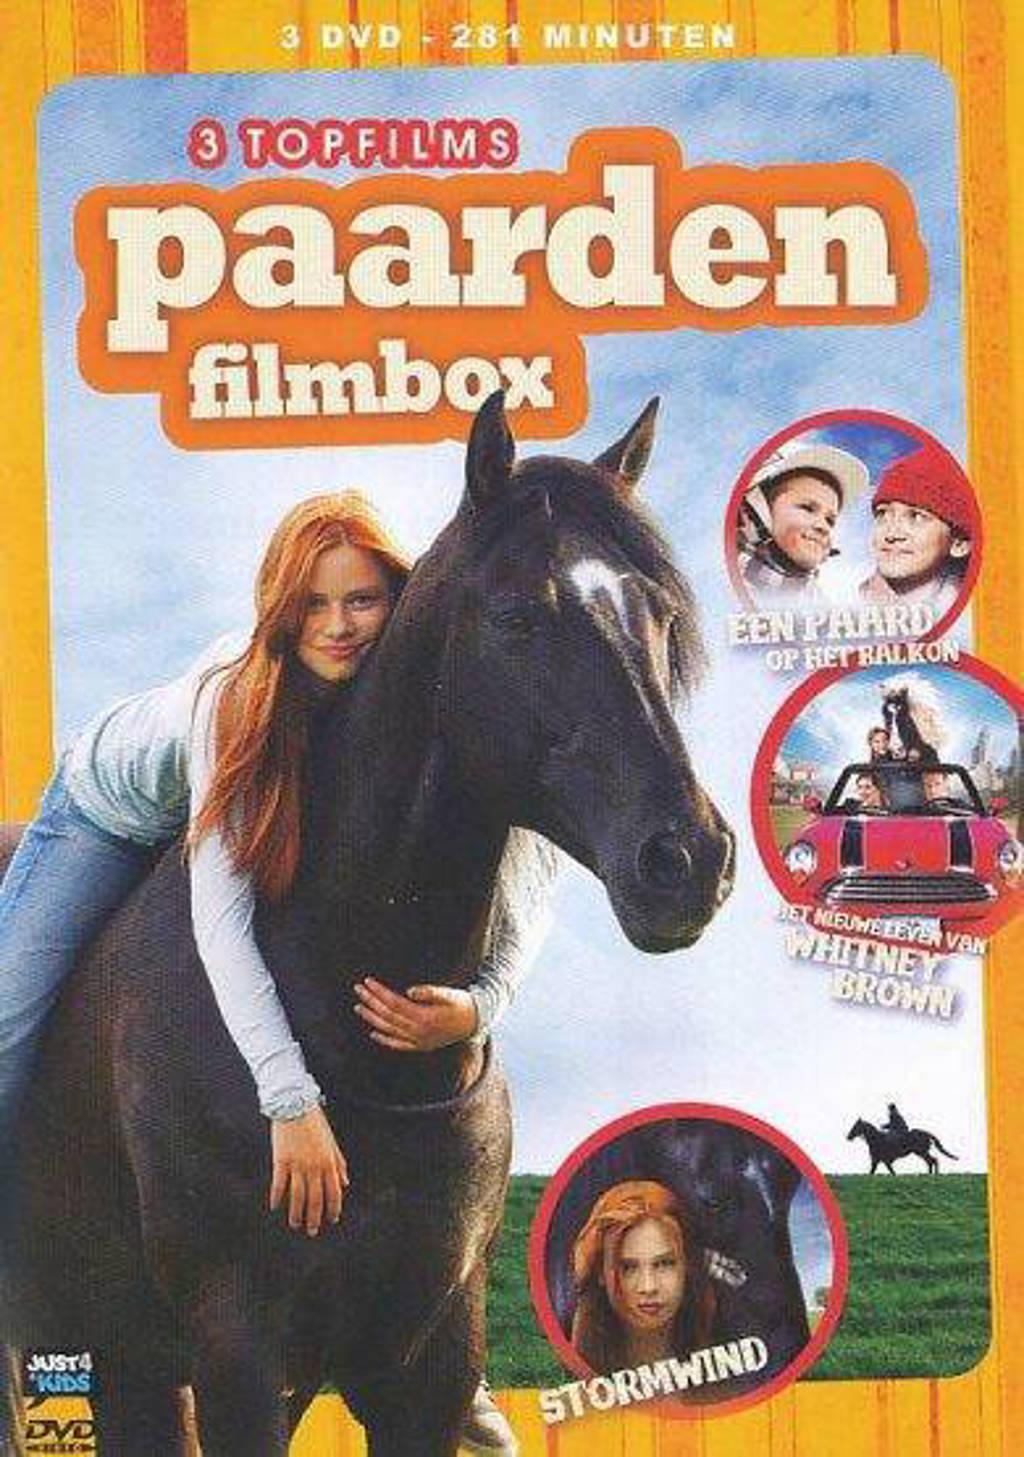 Paarden filmbox 1 (DVD)